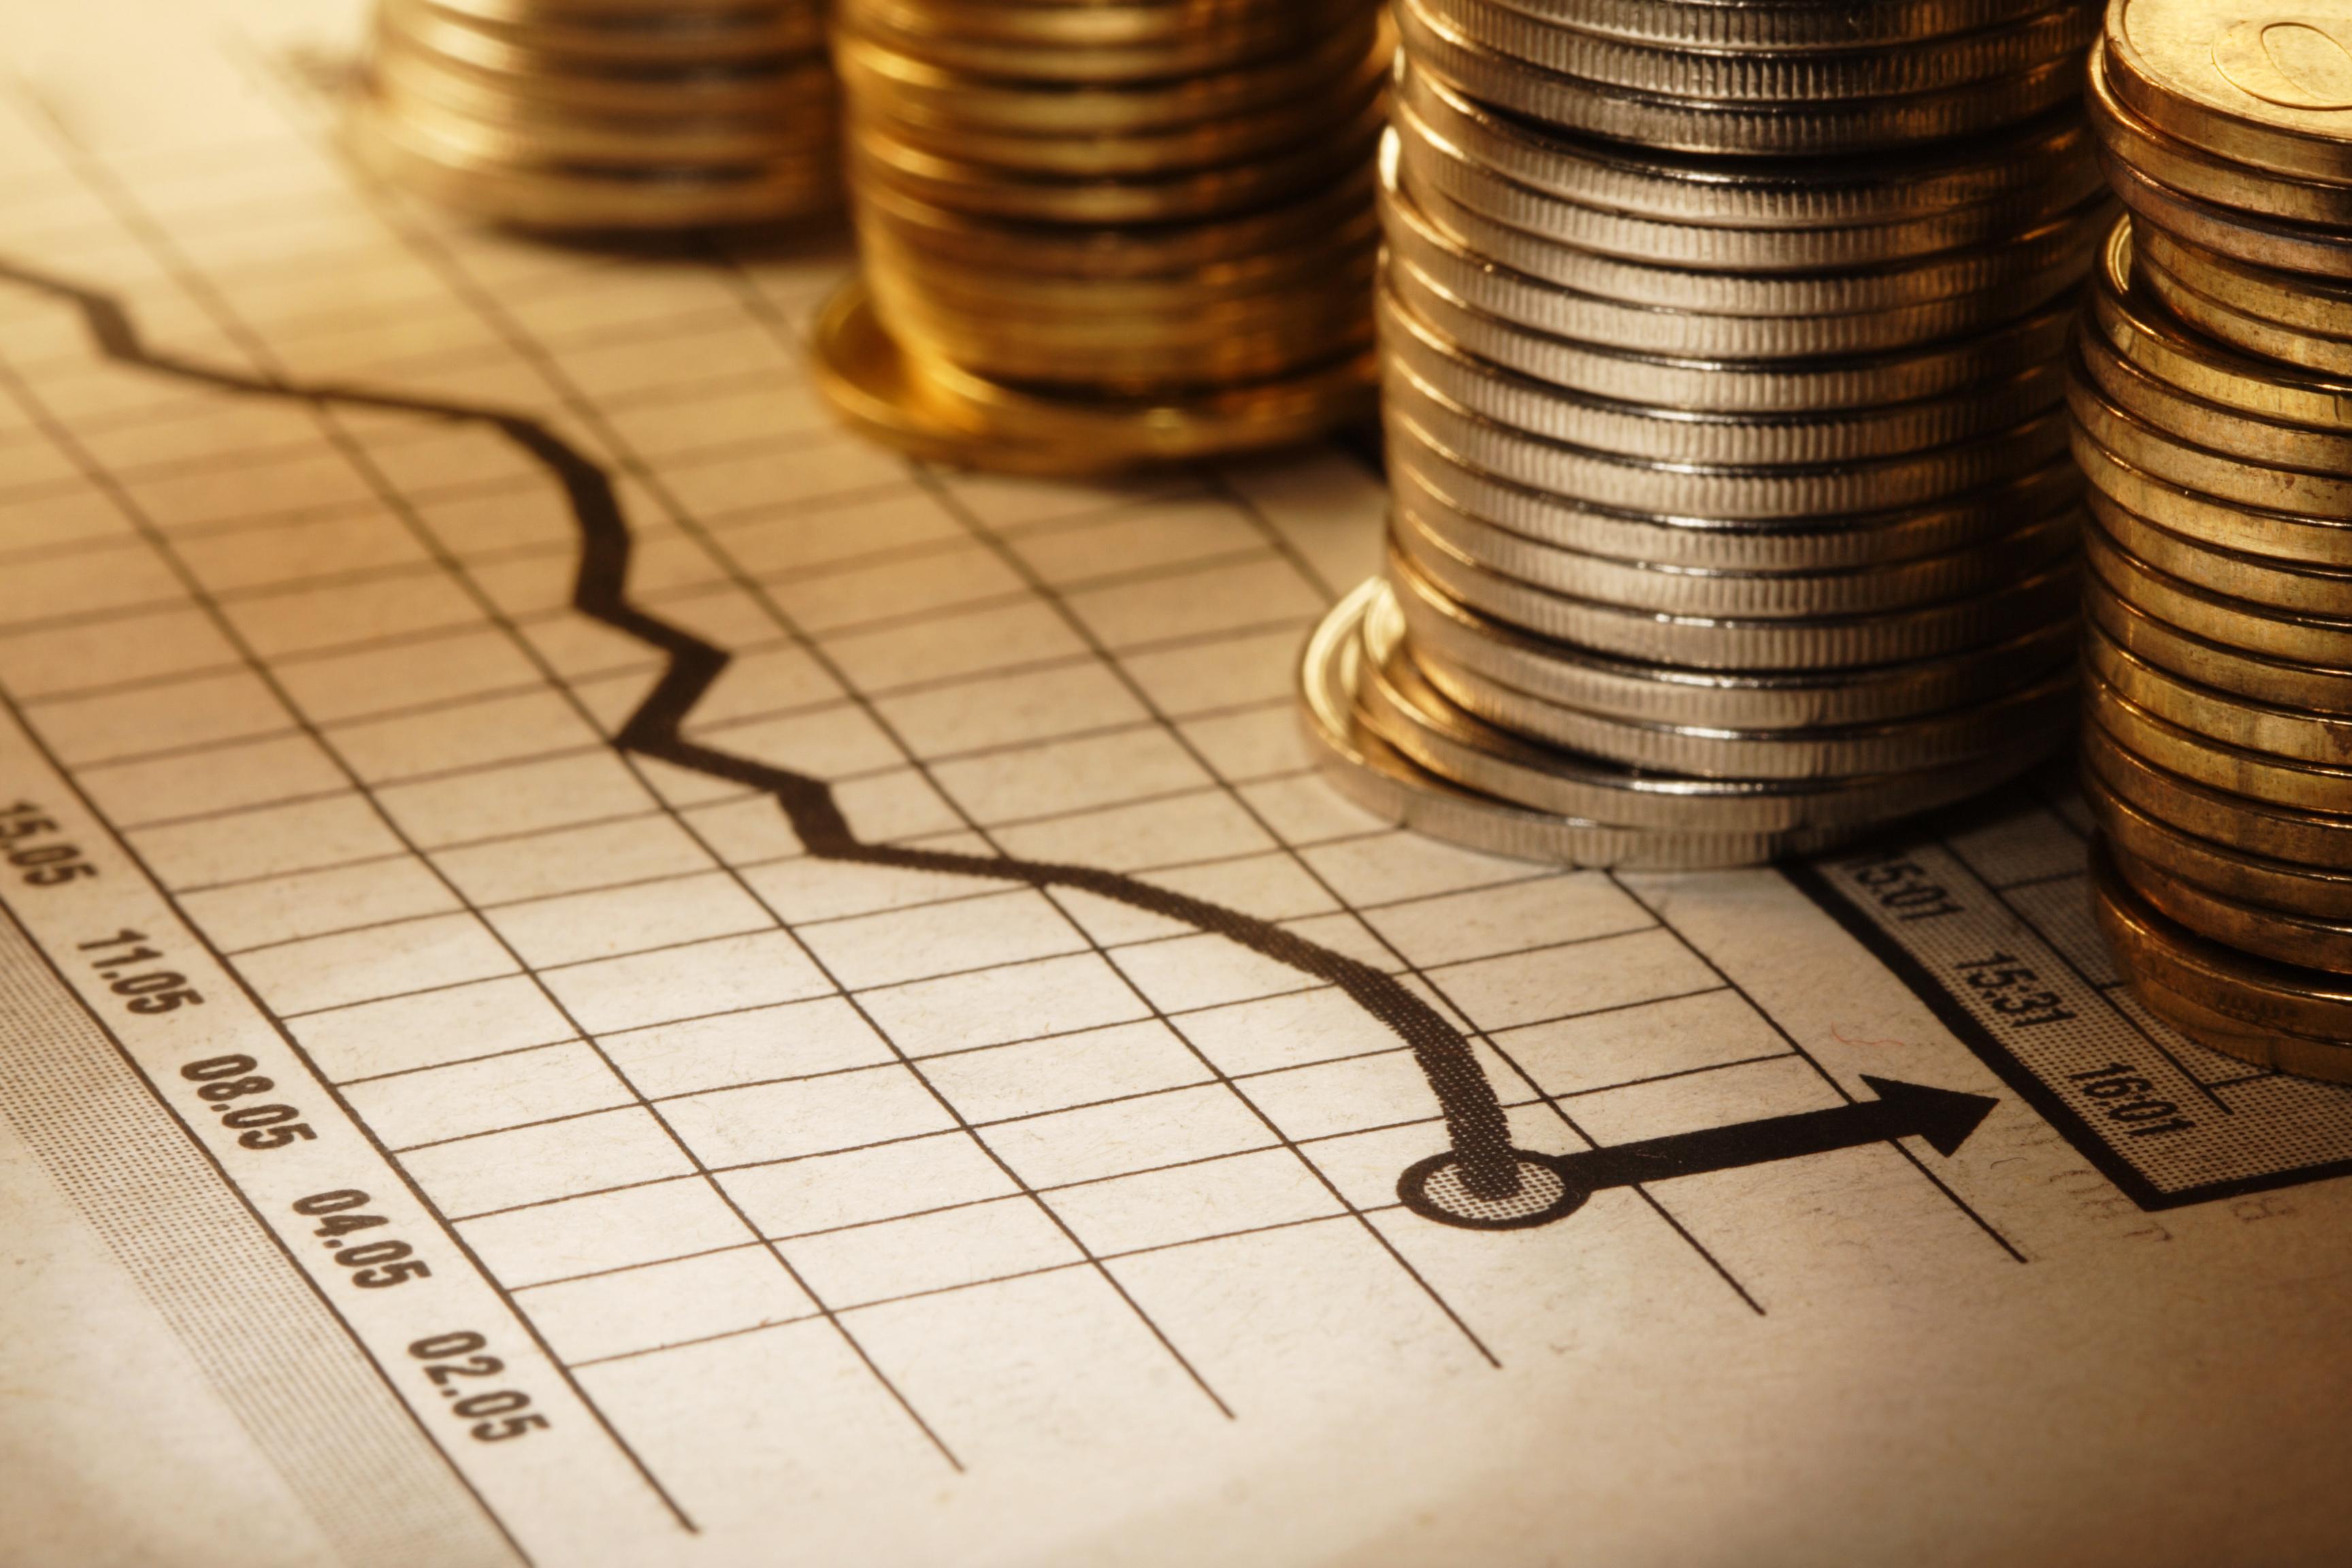 金融奋斗图片素材